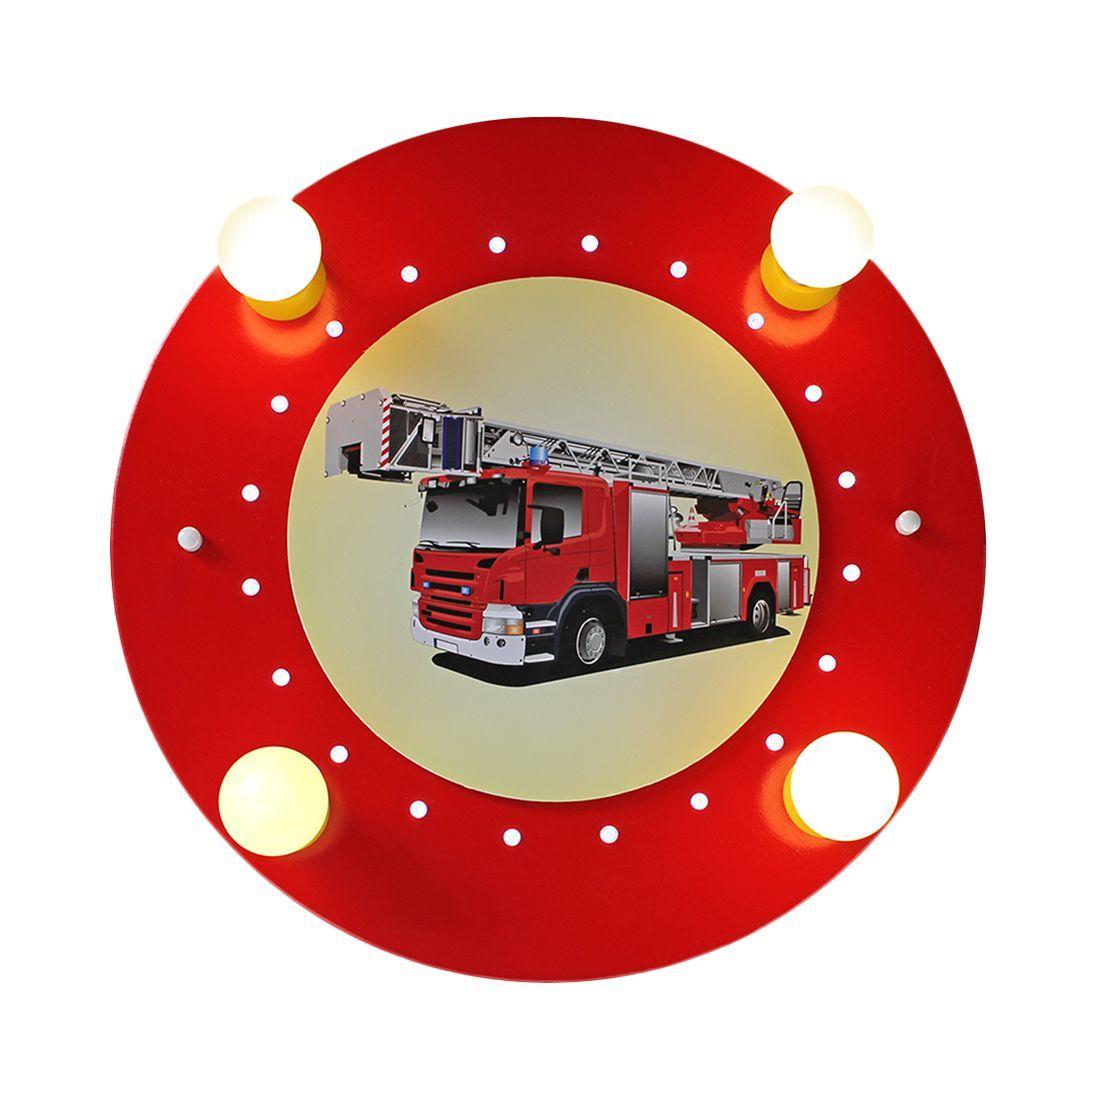 Eek A Deckenleuchte Feuerwehrauto 4 20 Holz 4 Flammig Elobra Jetzt Bestellen Unter Https Moebel Laden Deckenleuchten Led Deckenstrahler Kinder Lampen